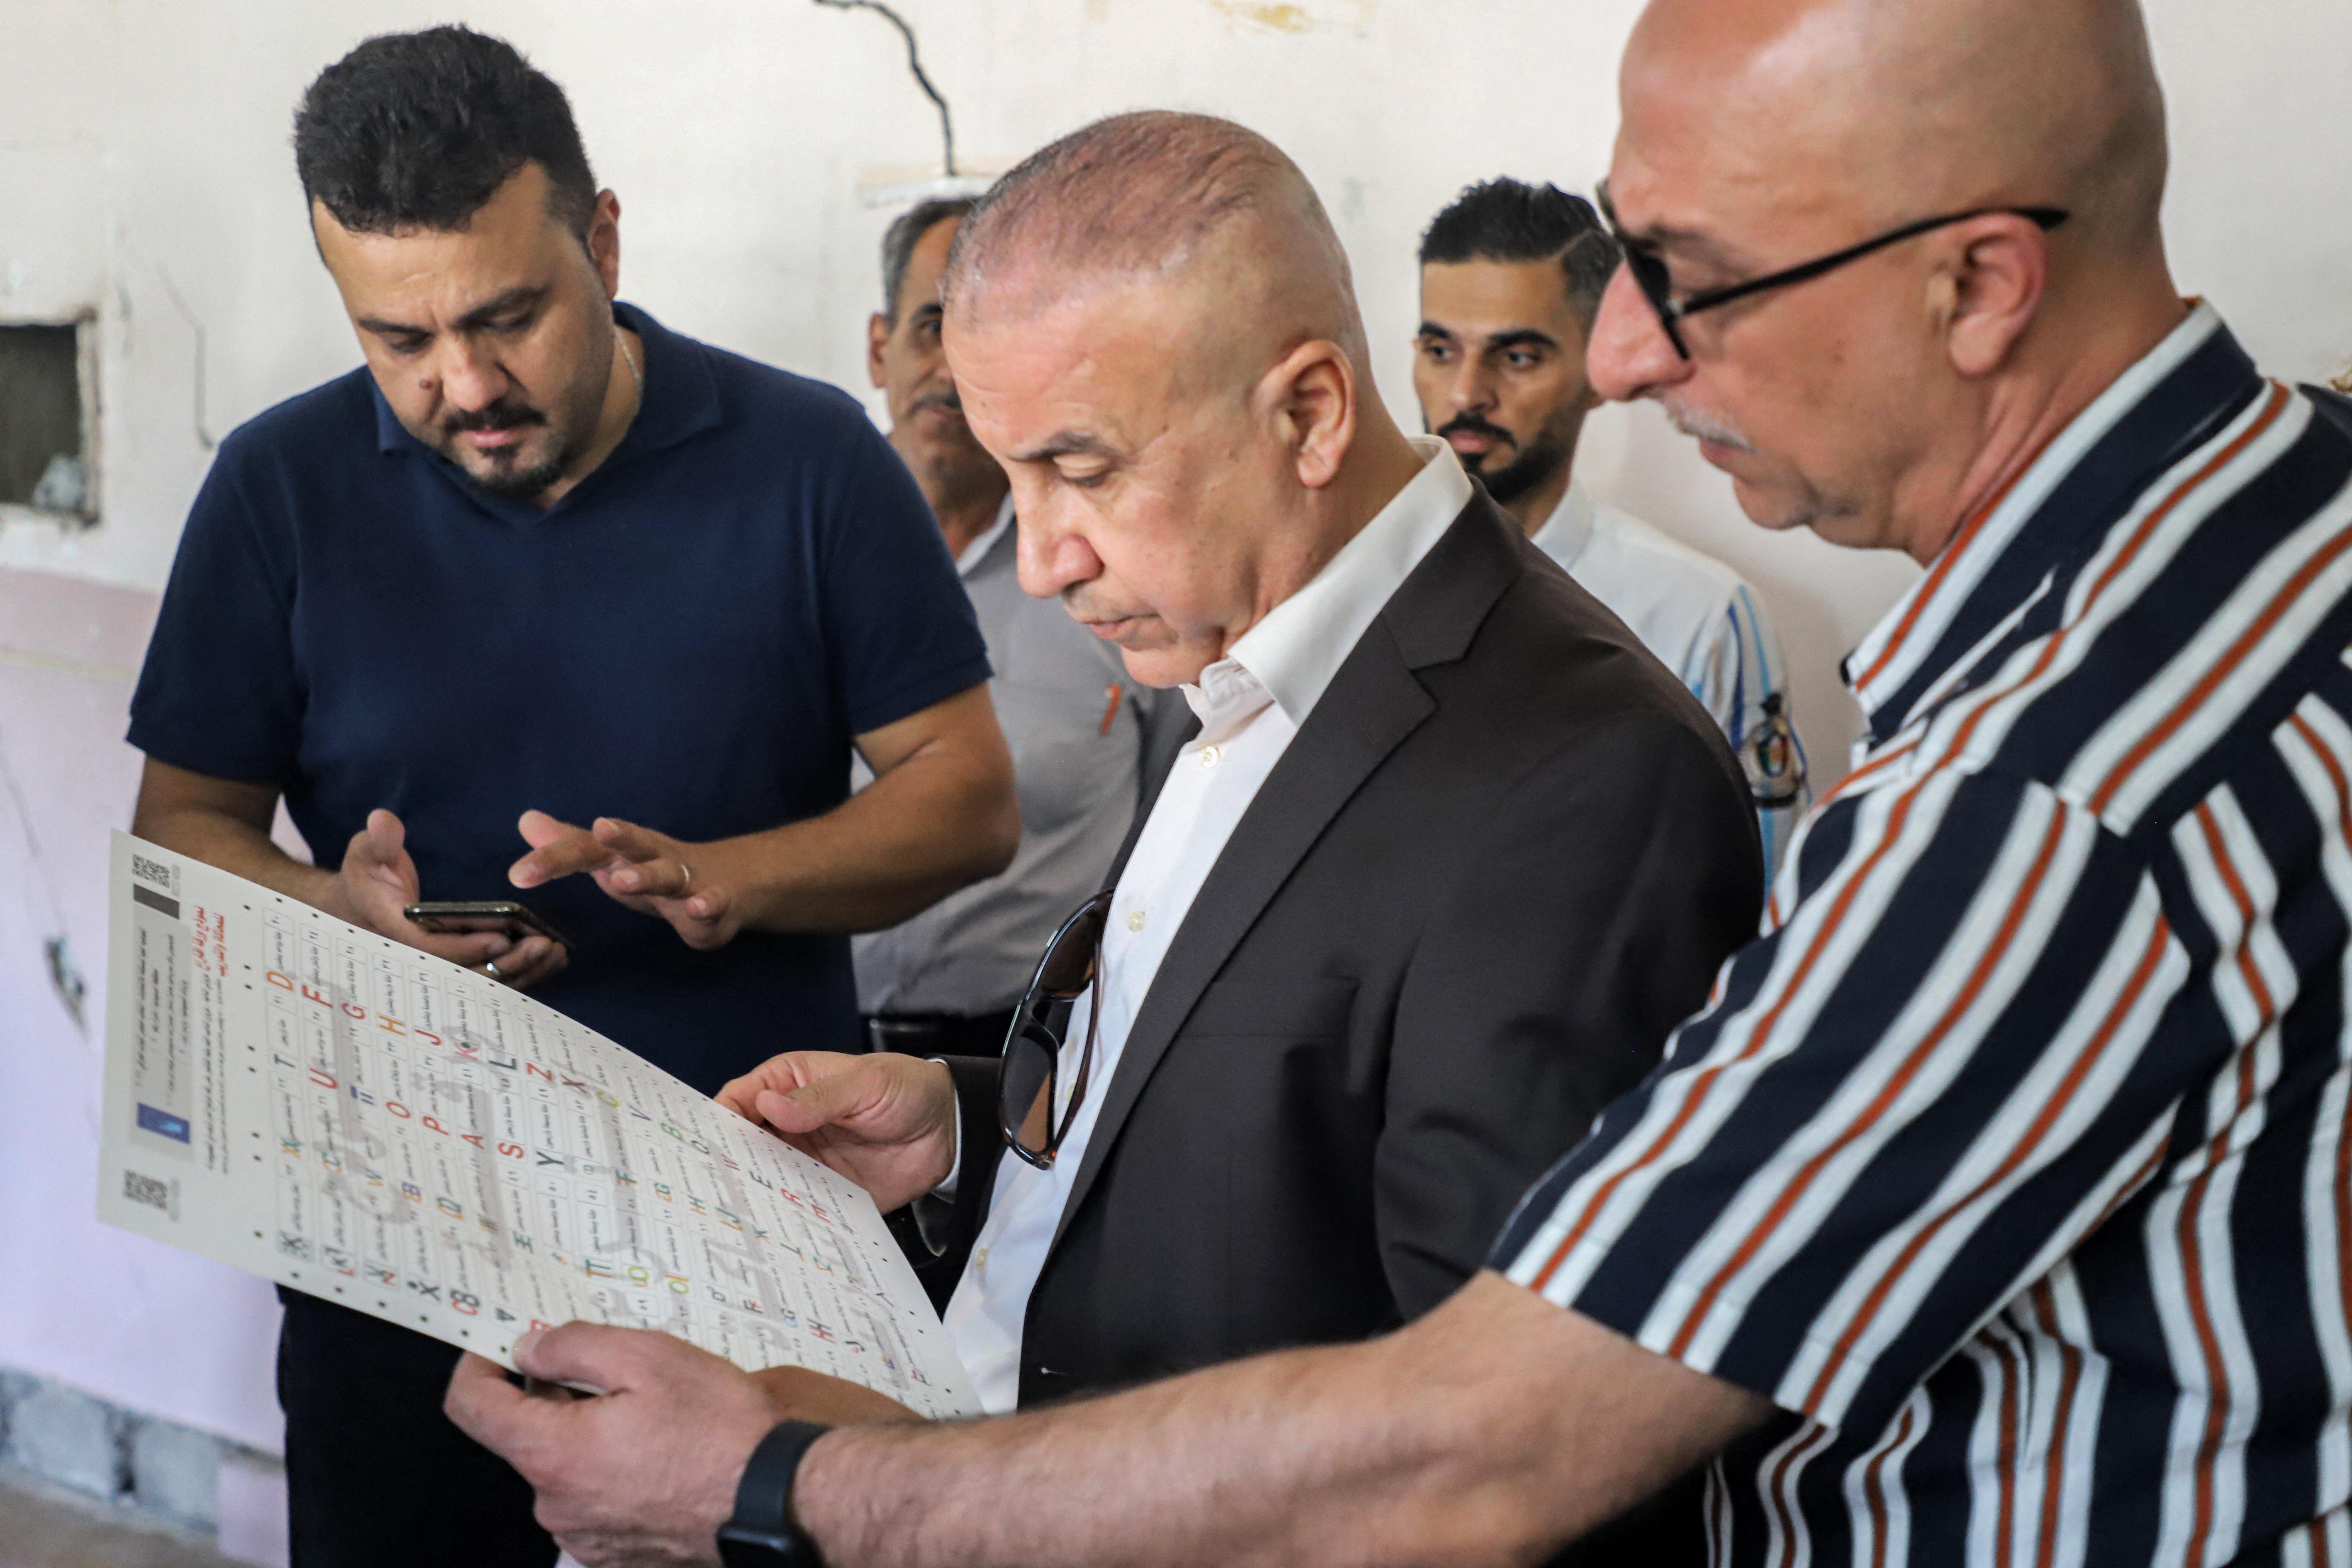 مفوضية الانتخابات العراقية أجرت محاكاة انتخابية قبل أيام.. وتعهدت بالكشف عن النتائج خلال 24 ساعة